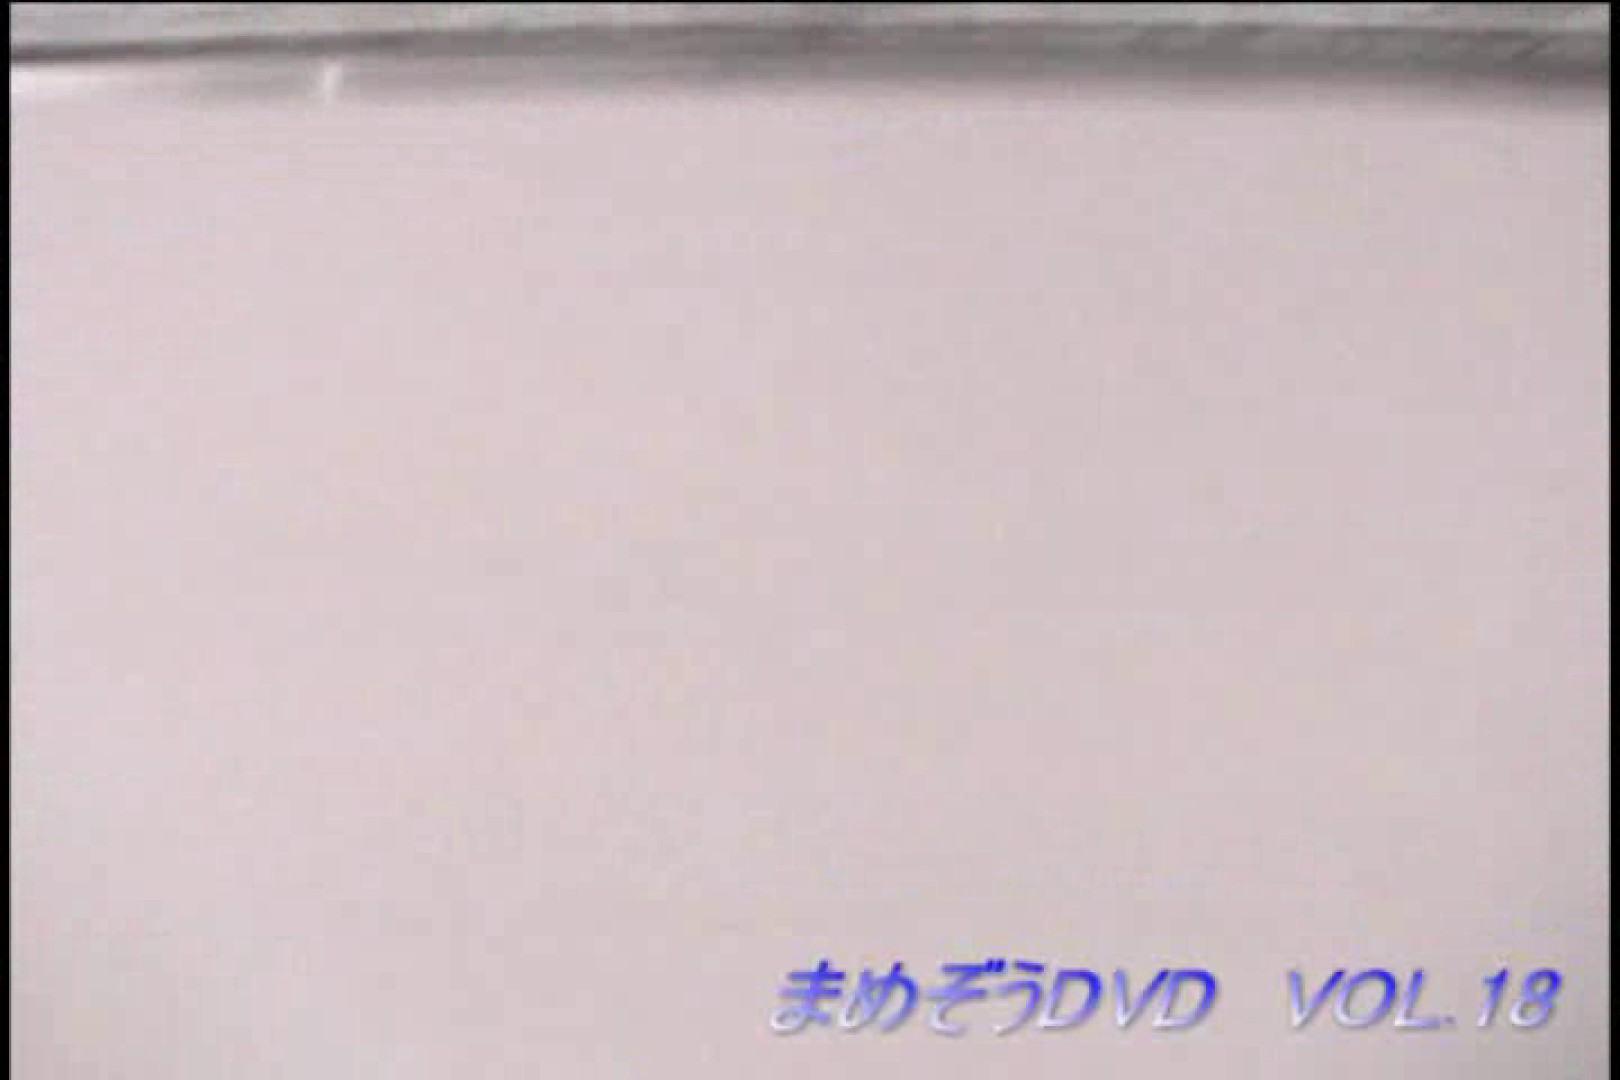 まめぞうDVD完全版VOL.18 ギャル盗撮映像   OLのボディ  76PIX 51